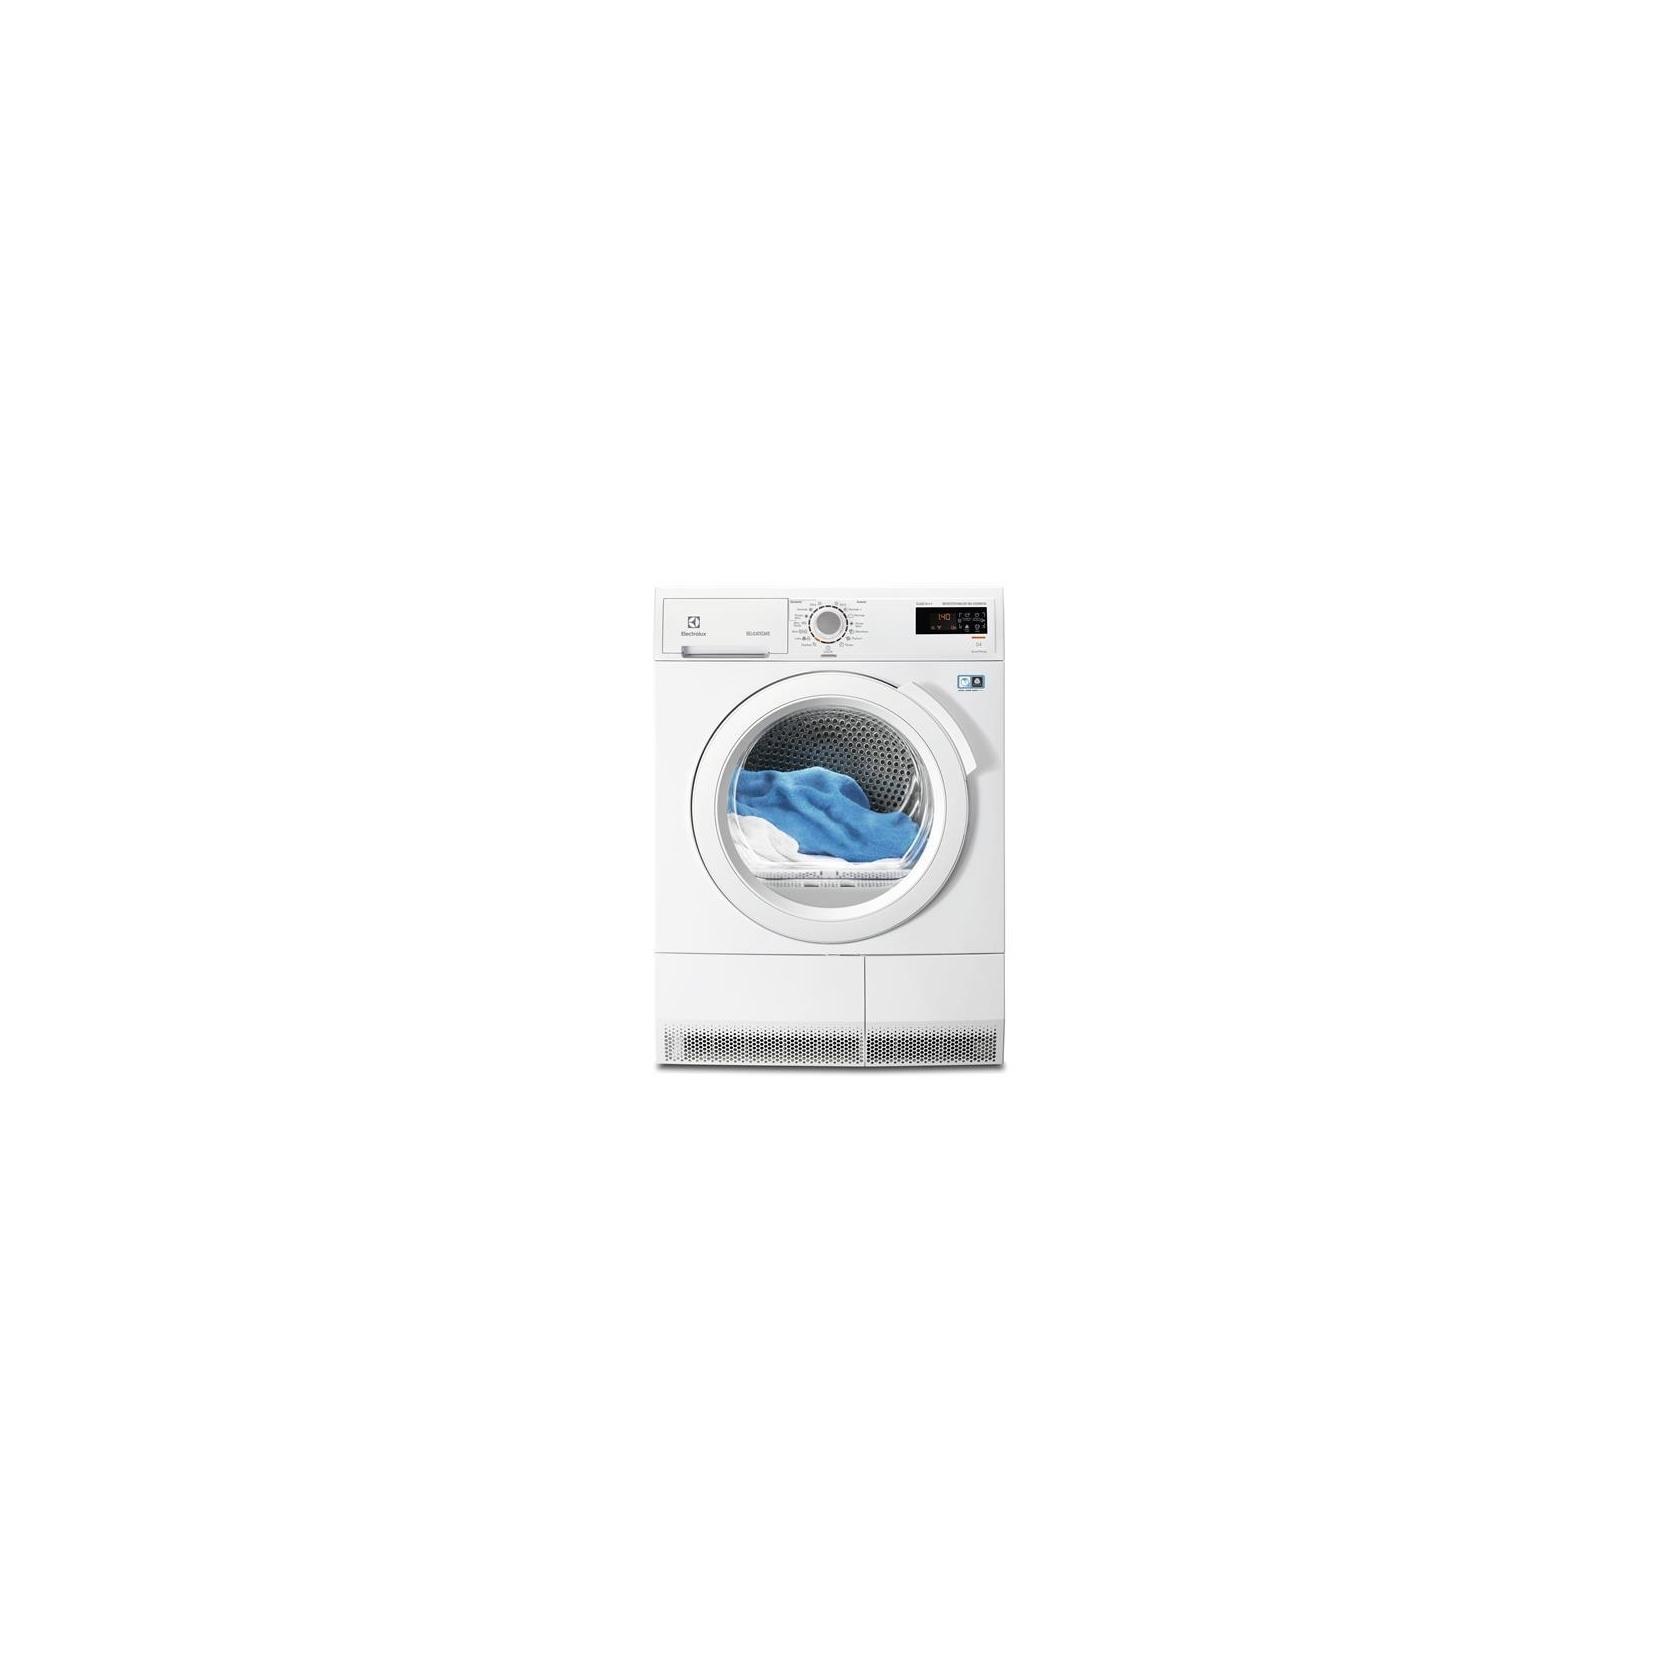 Electrolux asciugatrice edh3985tde 8kg classe a con for Asciugatrice a pompa di calore